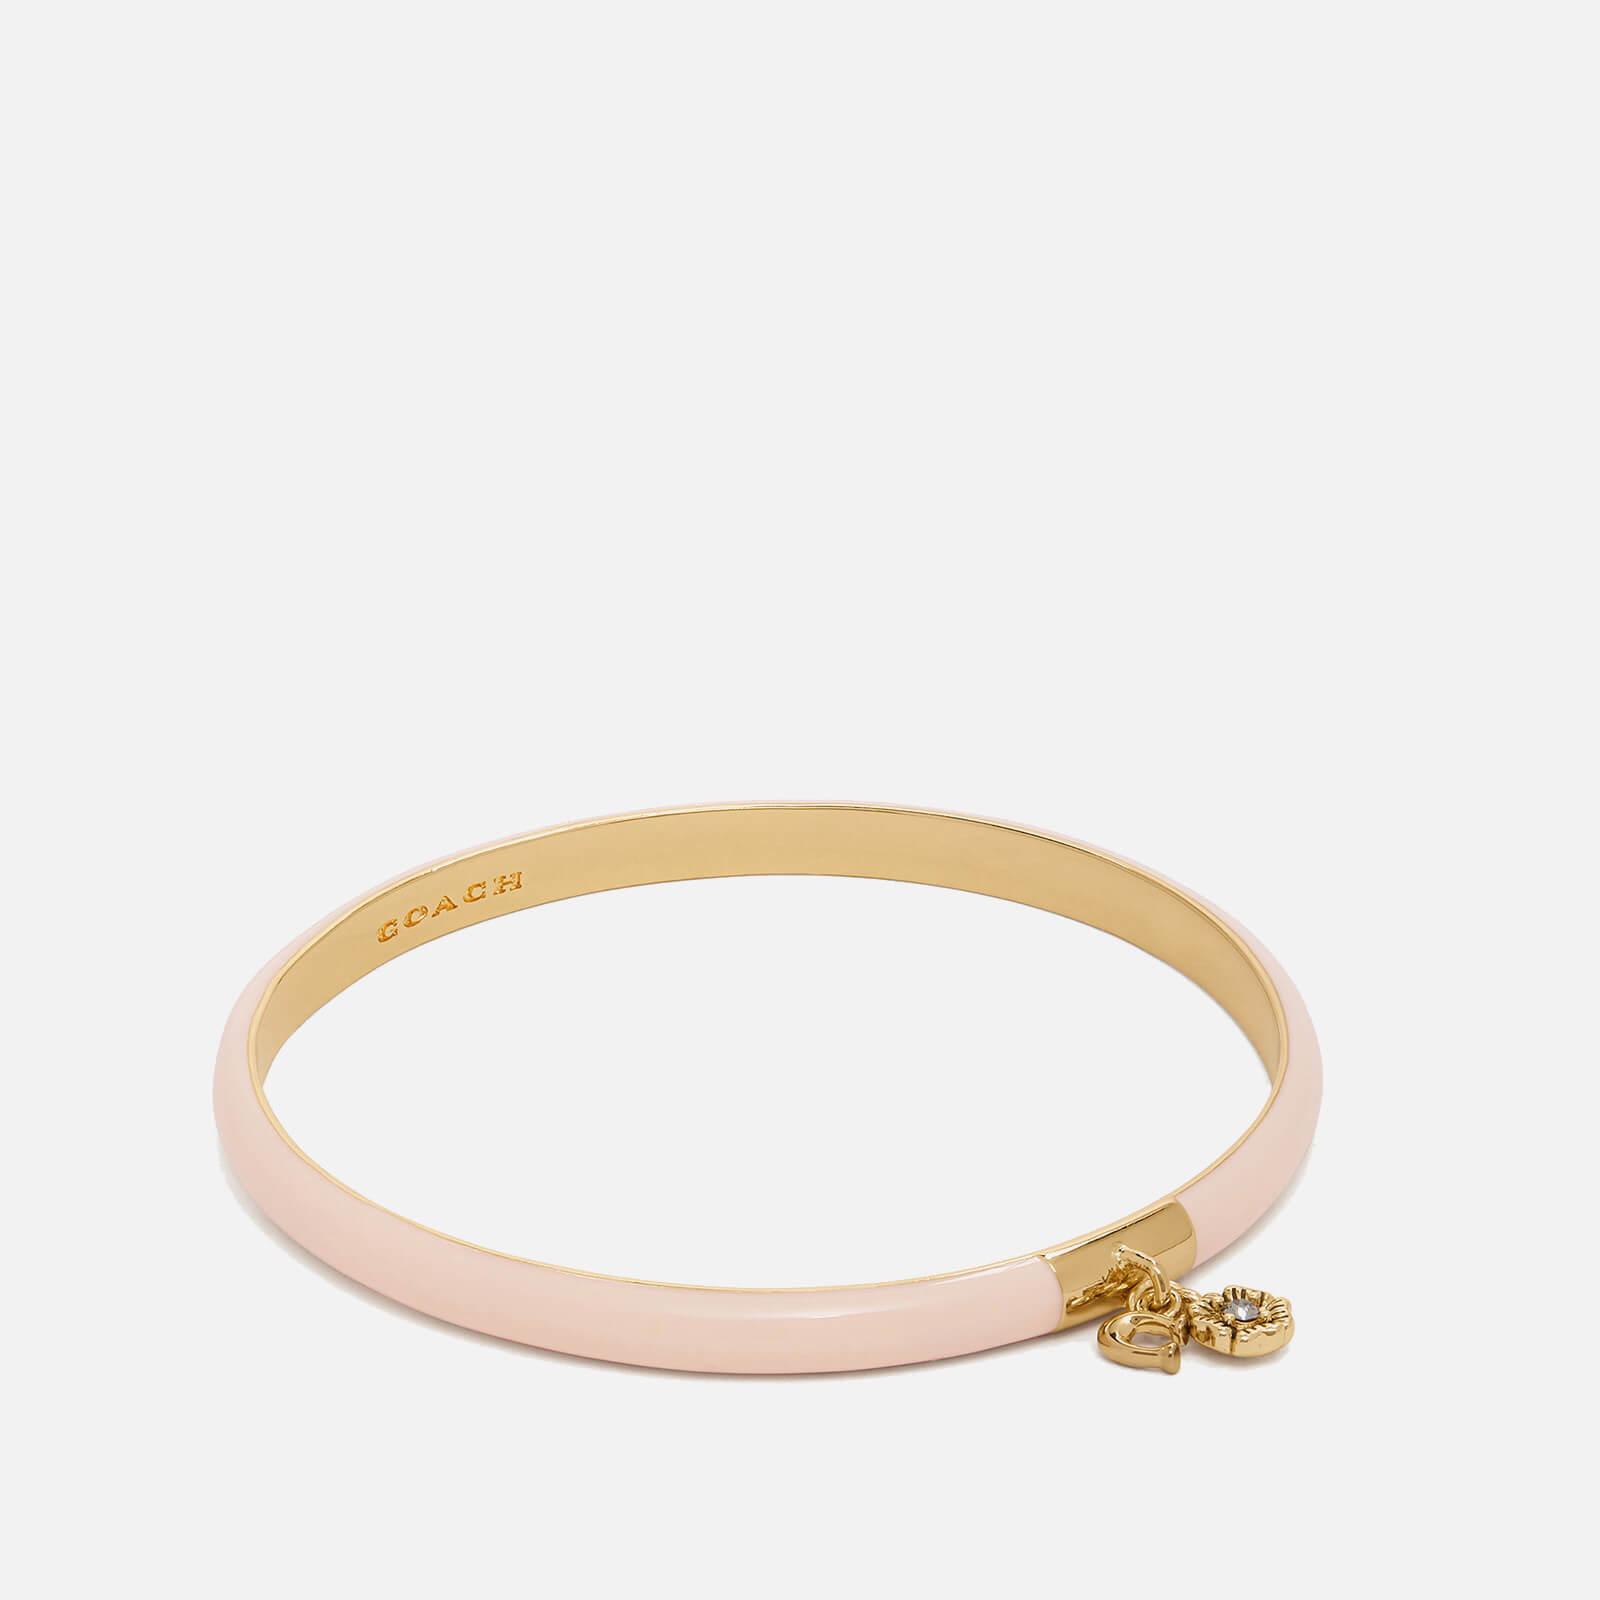 Coach Women's Pink Enamel Tea Rose Bangle - Gold/Pink